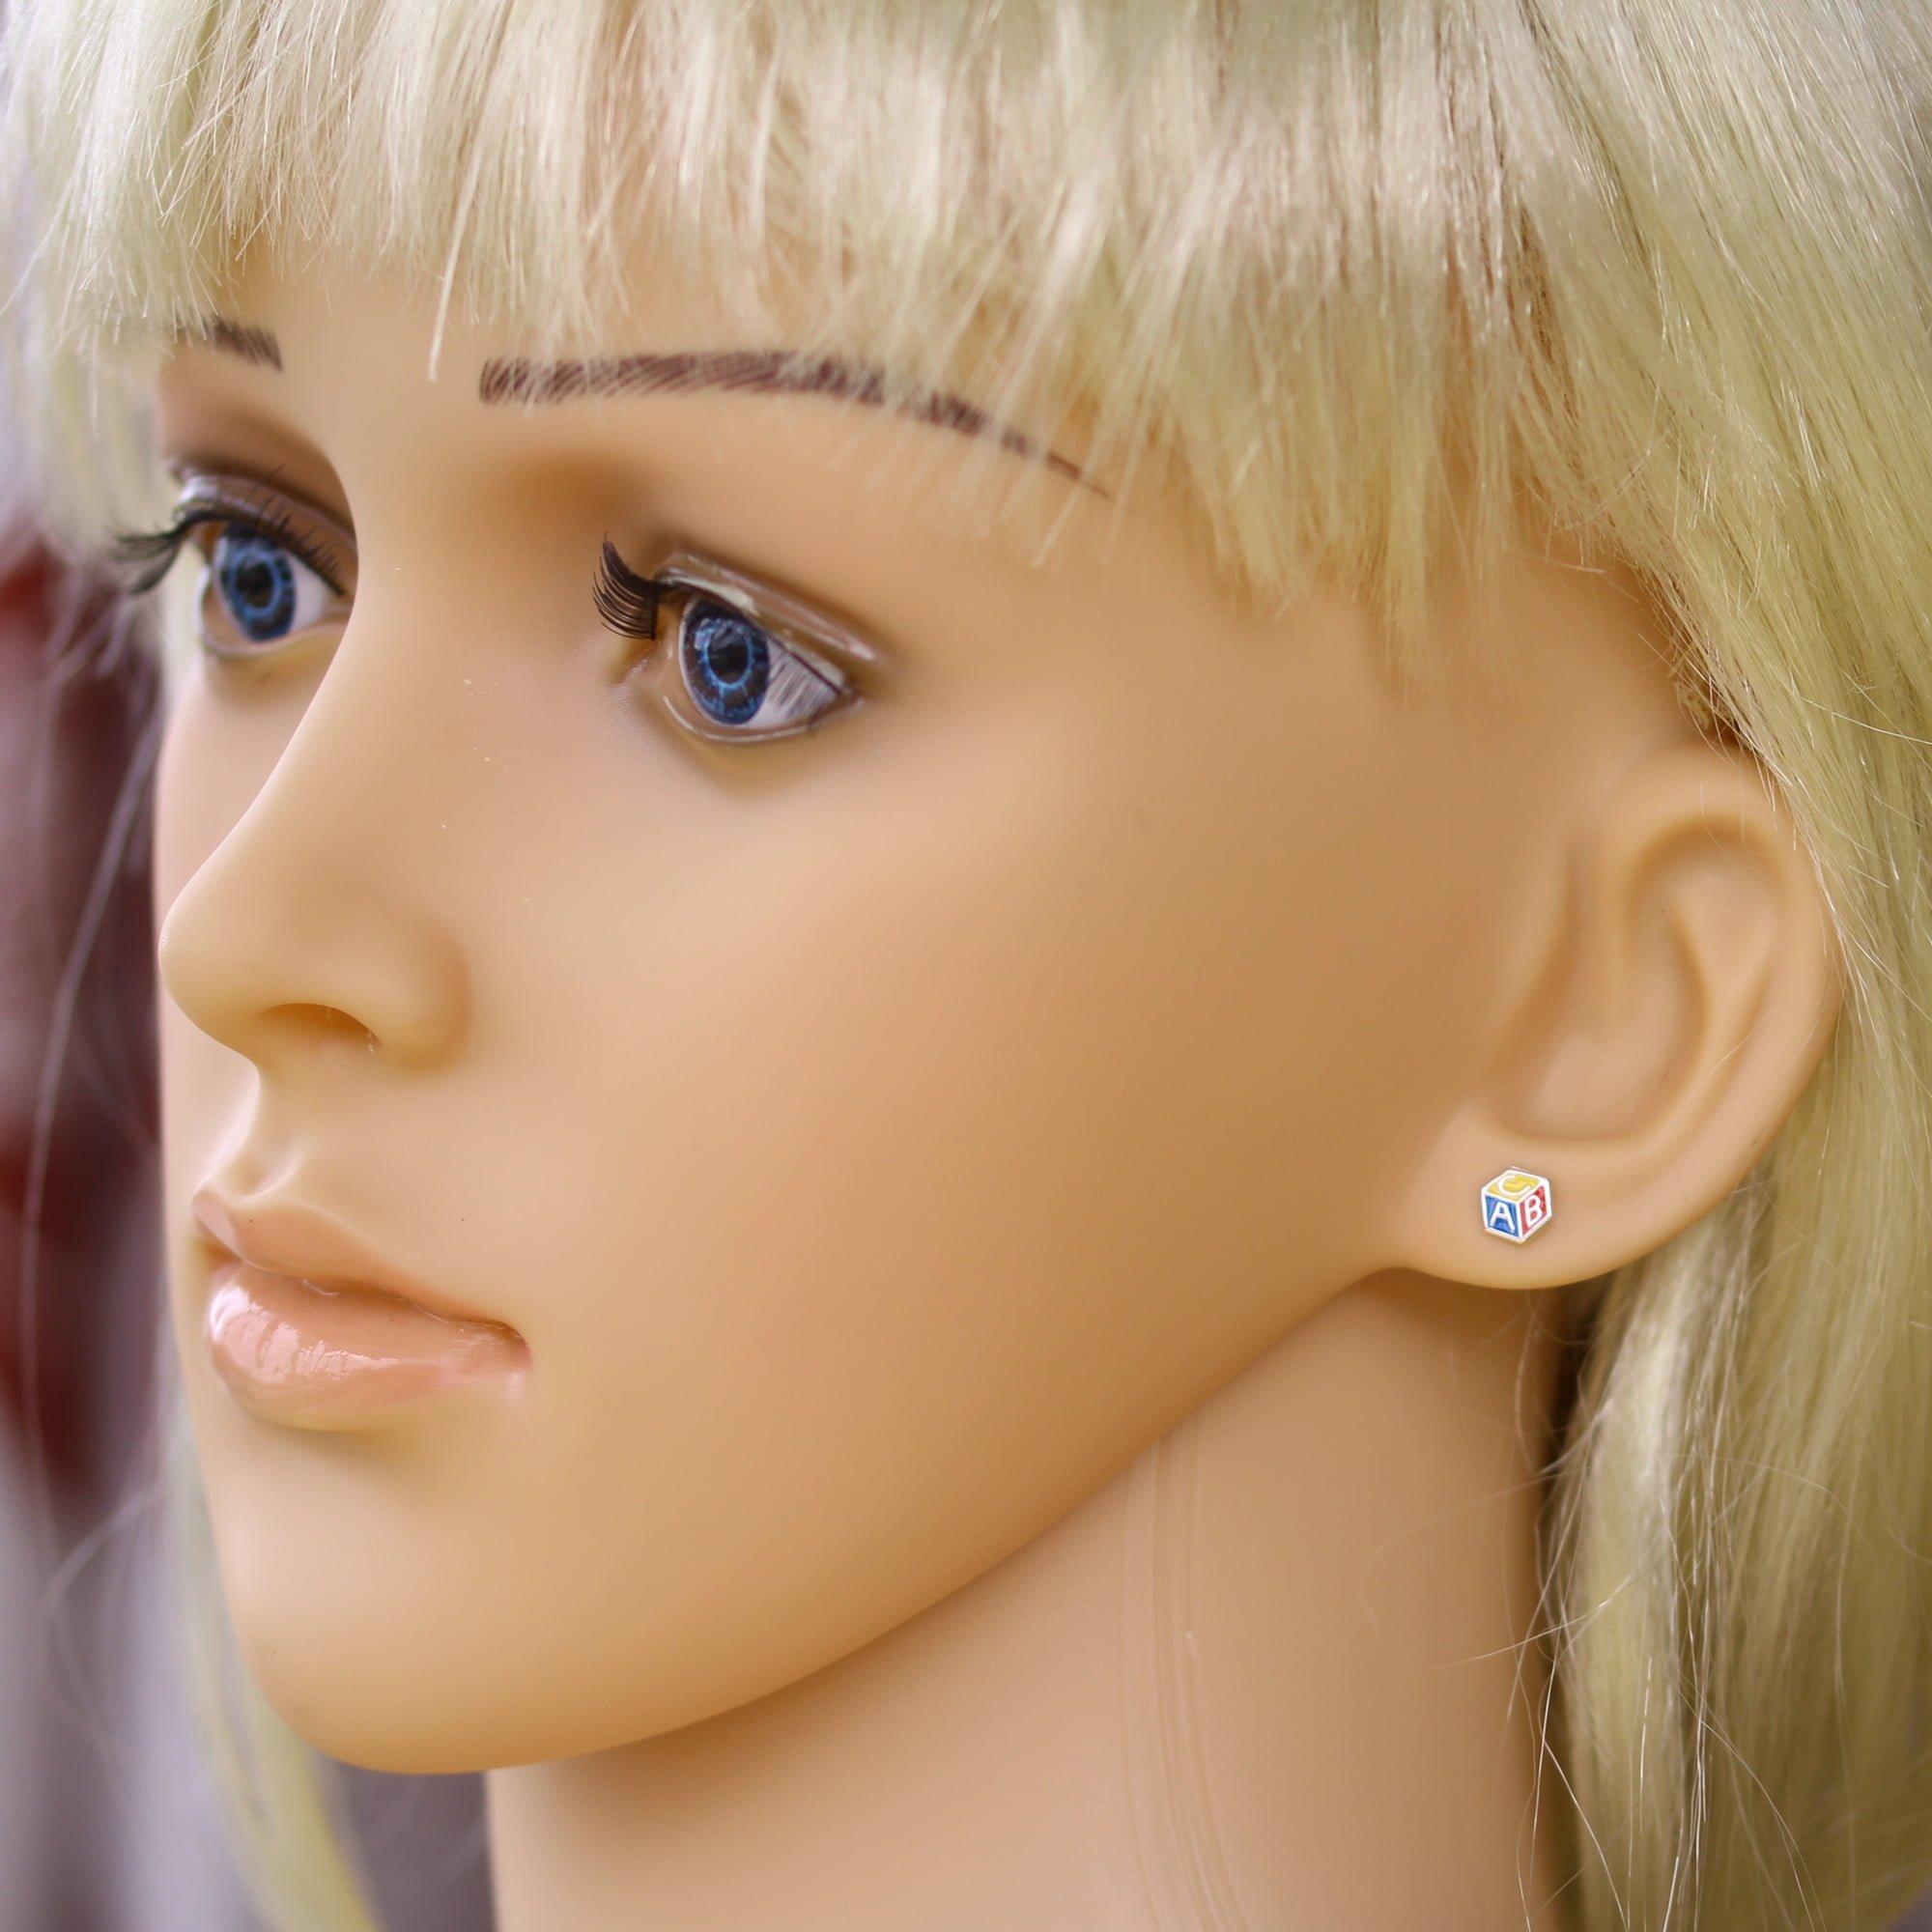 Child's alphabet block earrings in silver model